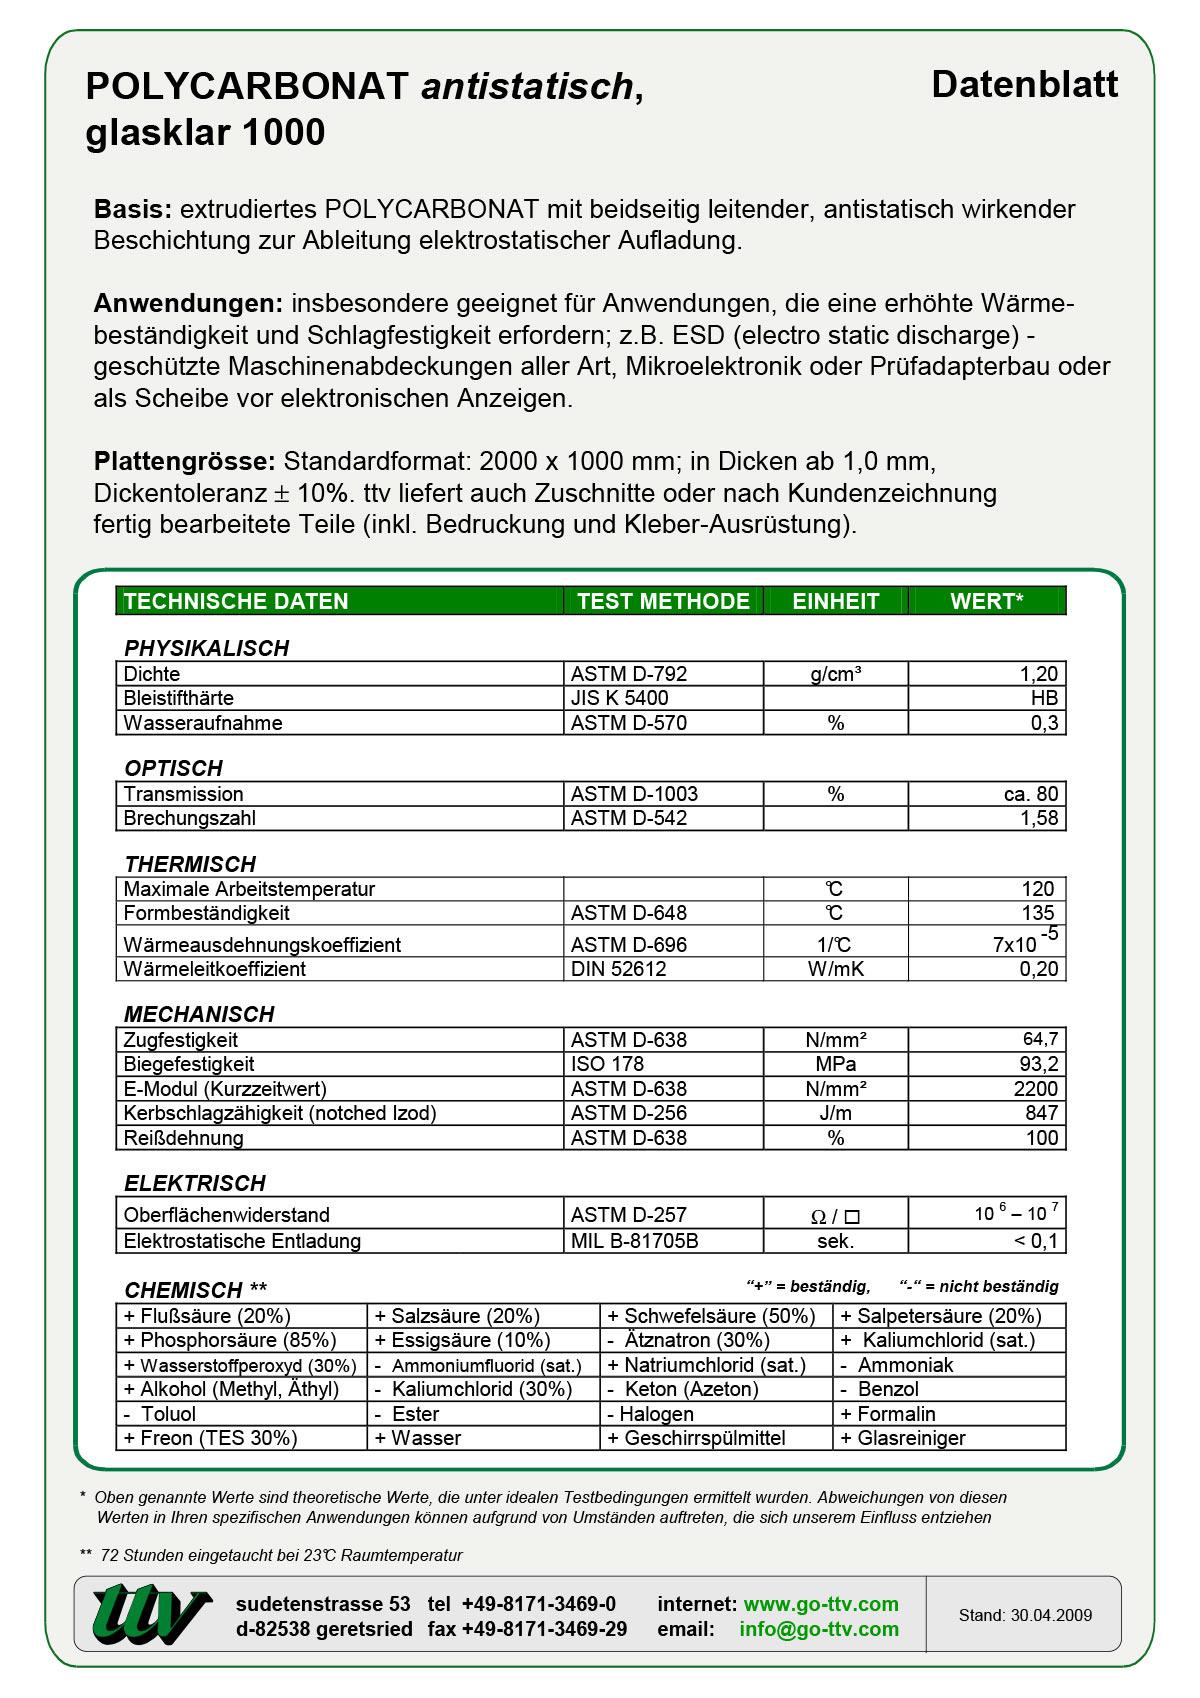 Polycarbonat antistatisch Datenblatt